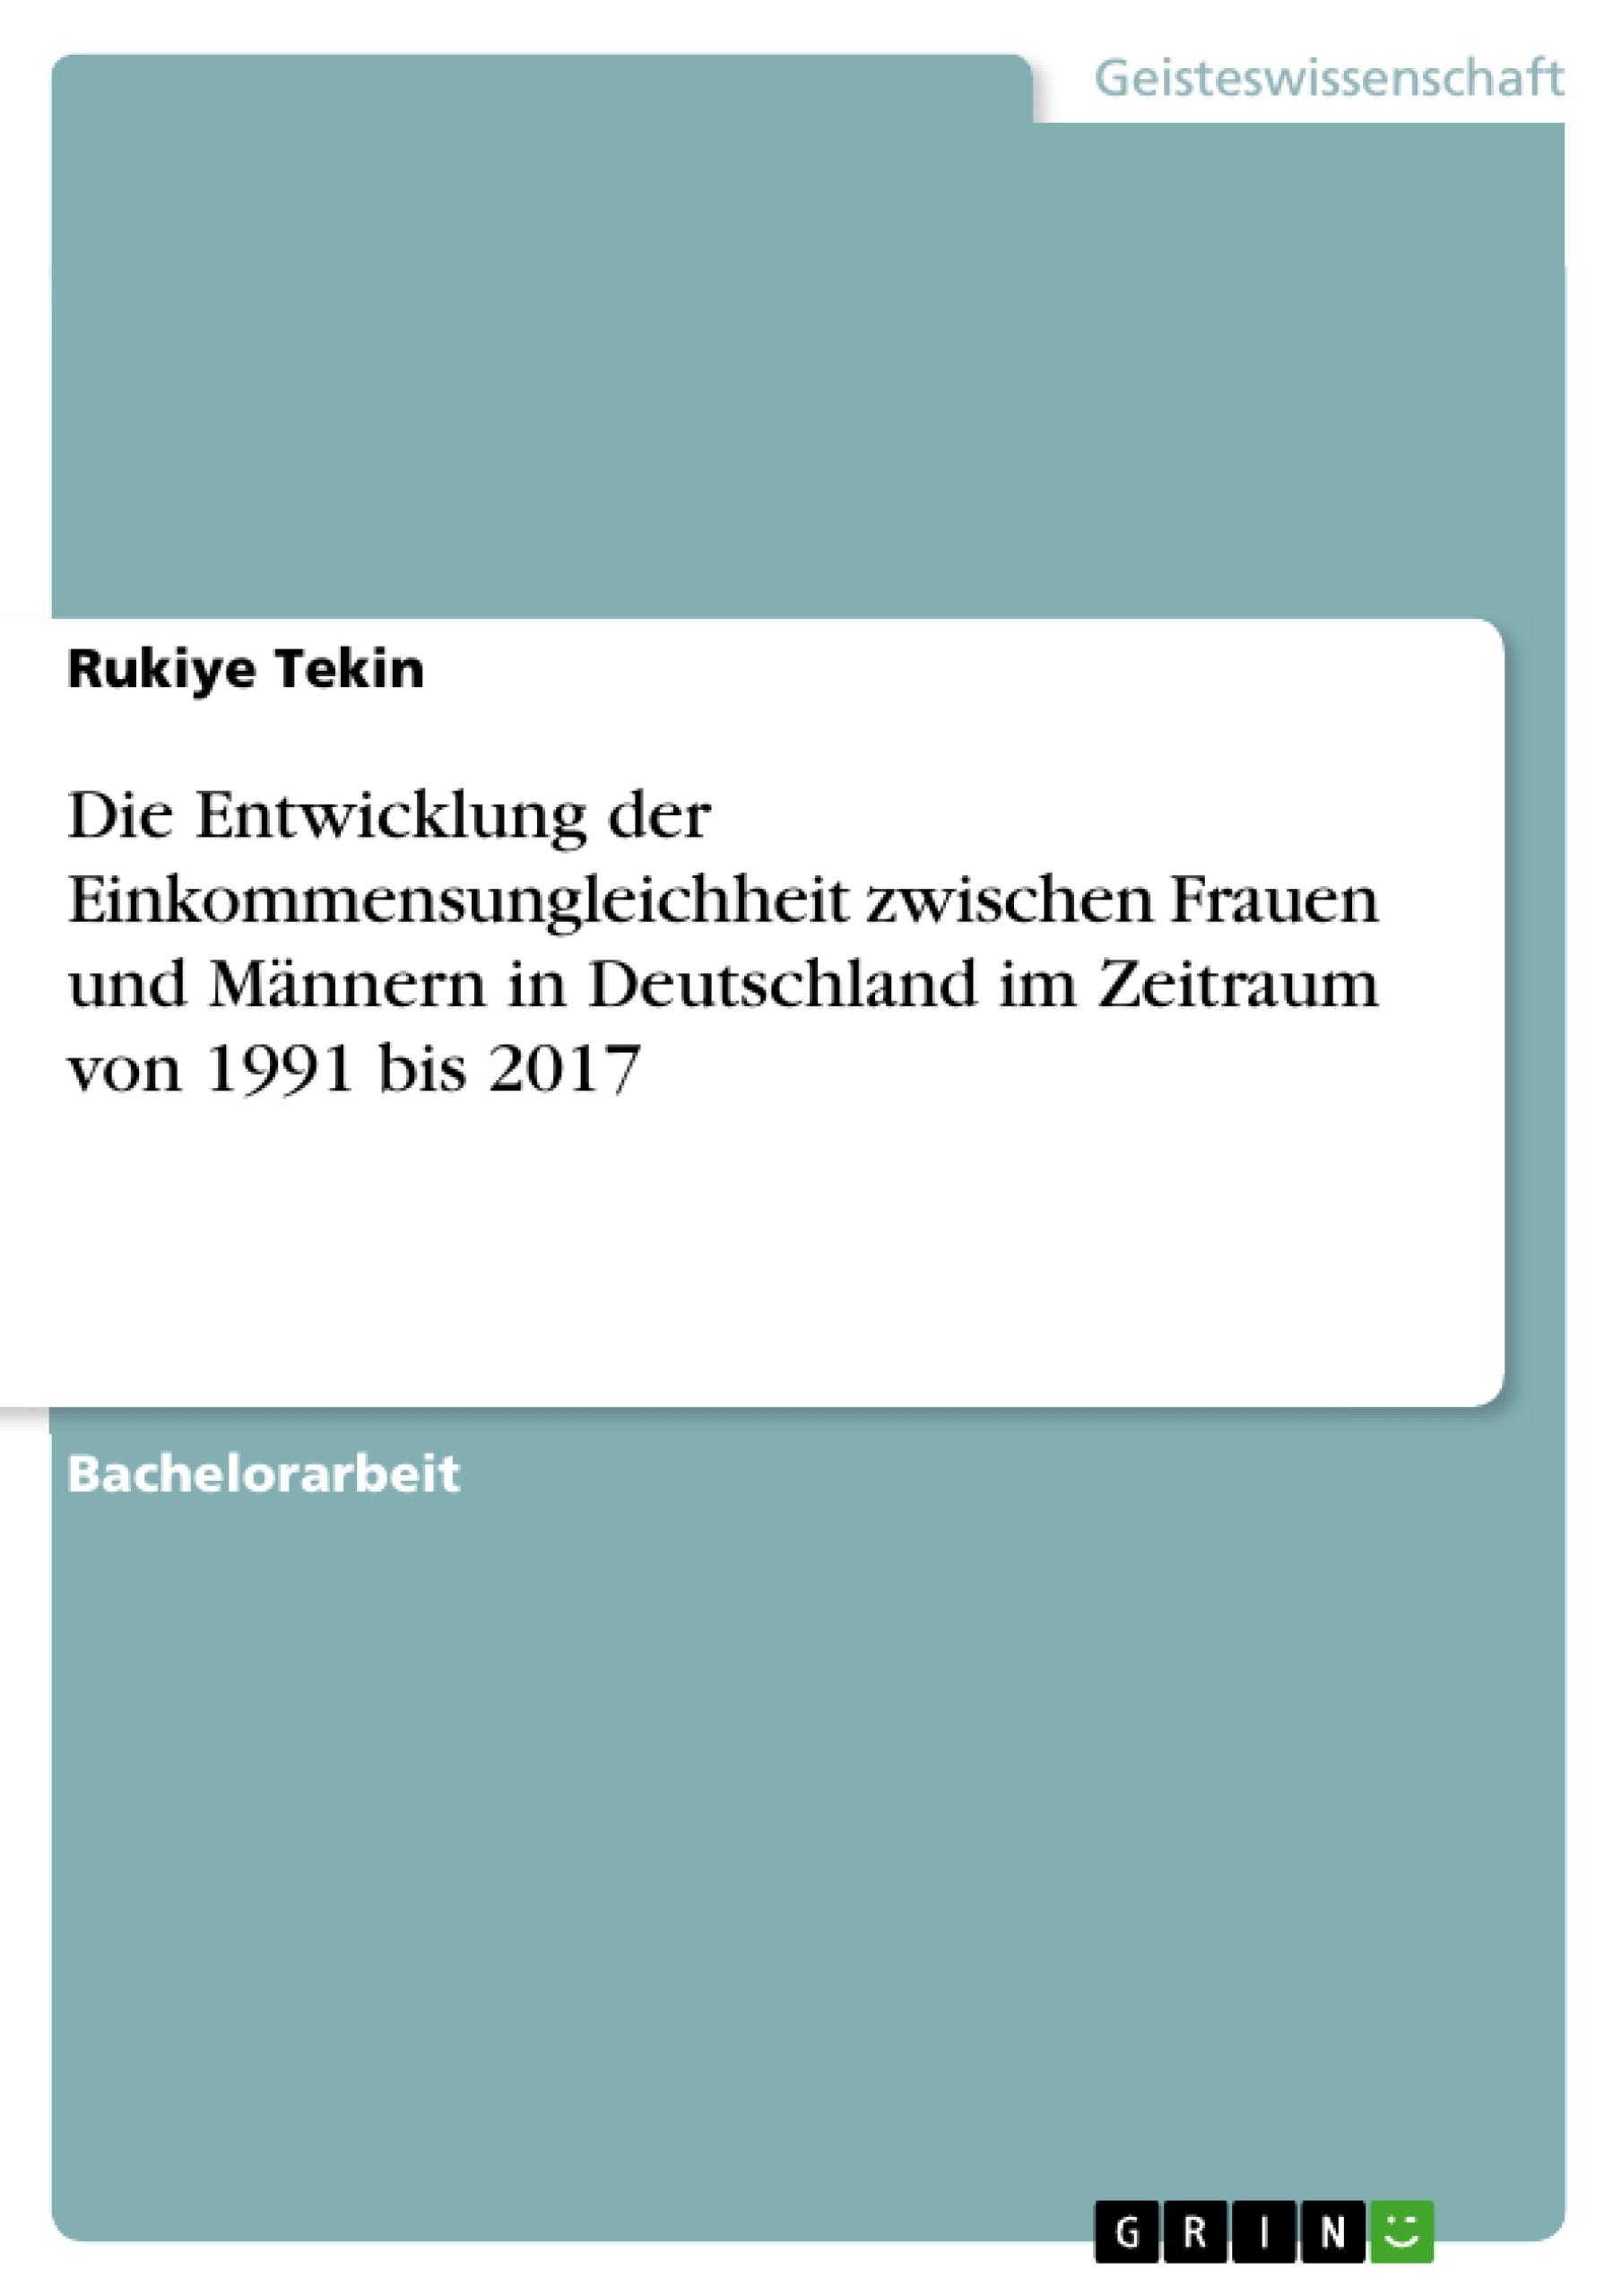 Titel: Die Entwicklung der Einkommensungleichheit zwischen Frauen und Männern in Deutschland im Zeitraum von 1991 bis 2017